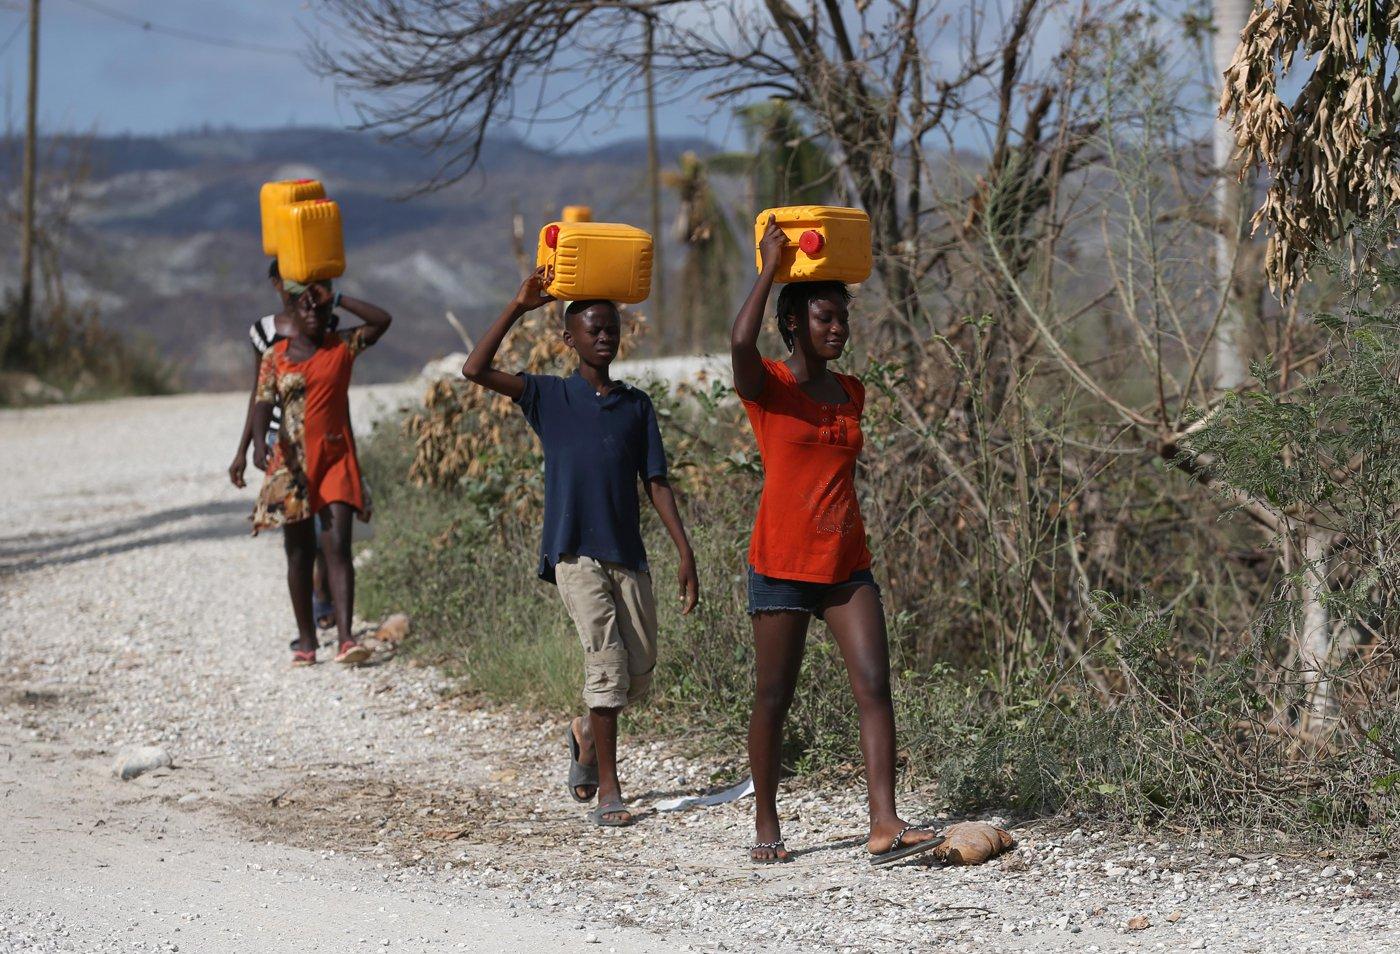 HAI01. JEREMIE (HAITI), 10/10/16.- Haitianos recolectan agua hoy, lunes 10 de octubre de 2016, tras el paso del huracán Matthew en Jeremie (Haití). La financiación es vital para apoyar la respuesta de las autoridades de Haití y la sociedad civil para cubrir las necesidades fundamentales de las poblaciones afectadas, tales como agua potable, alimentos y refugio para prevenir enfermedades infecciosas, señaló la ONU.EFE/Orlando Barría